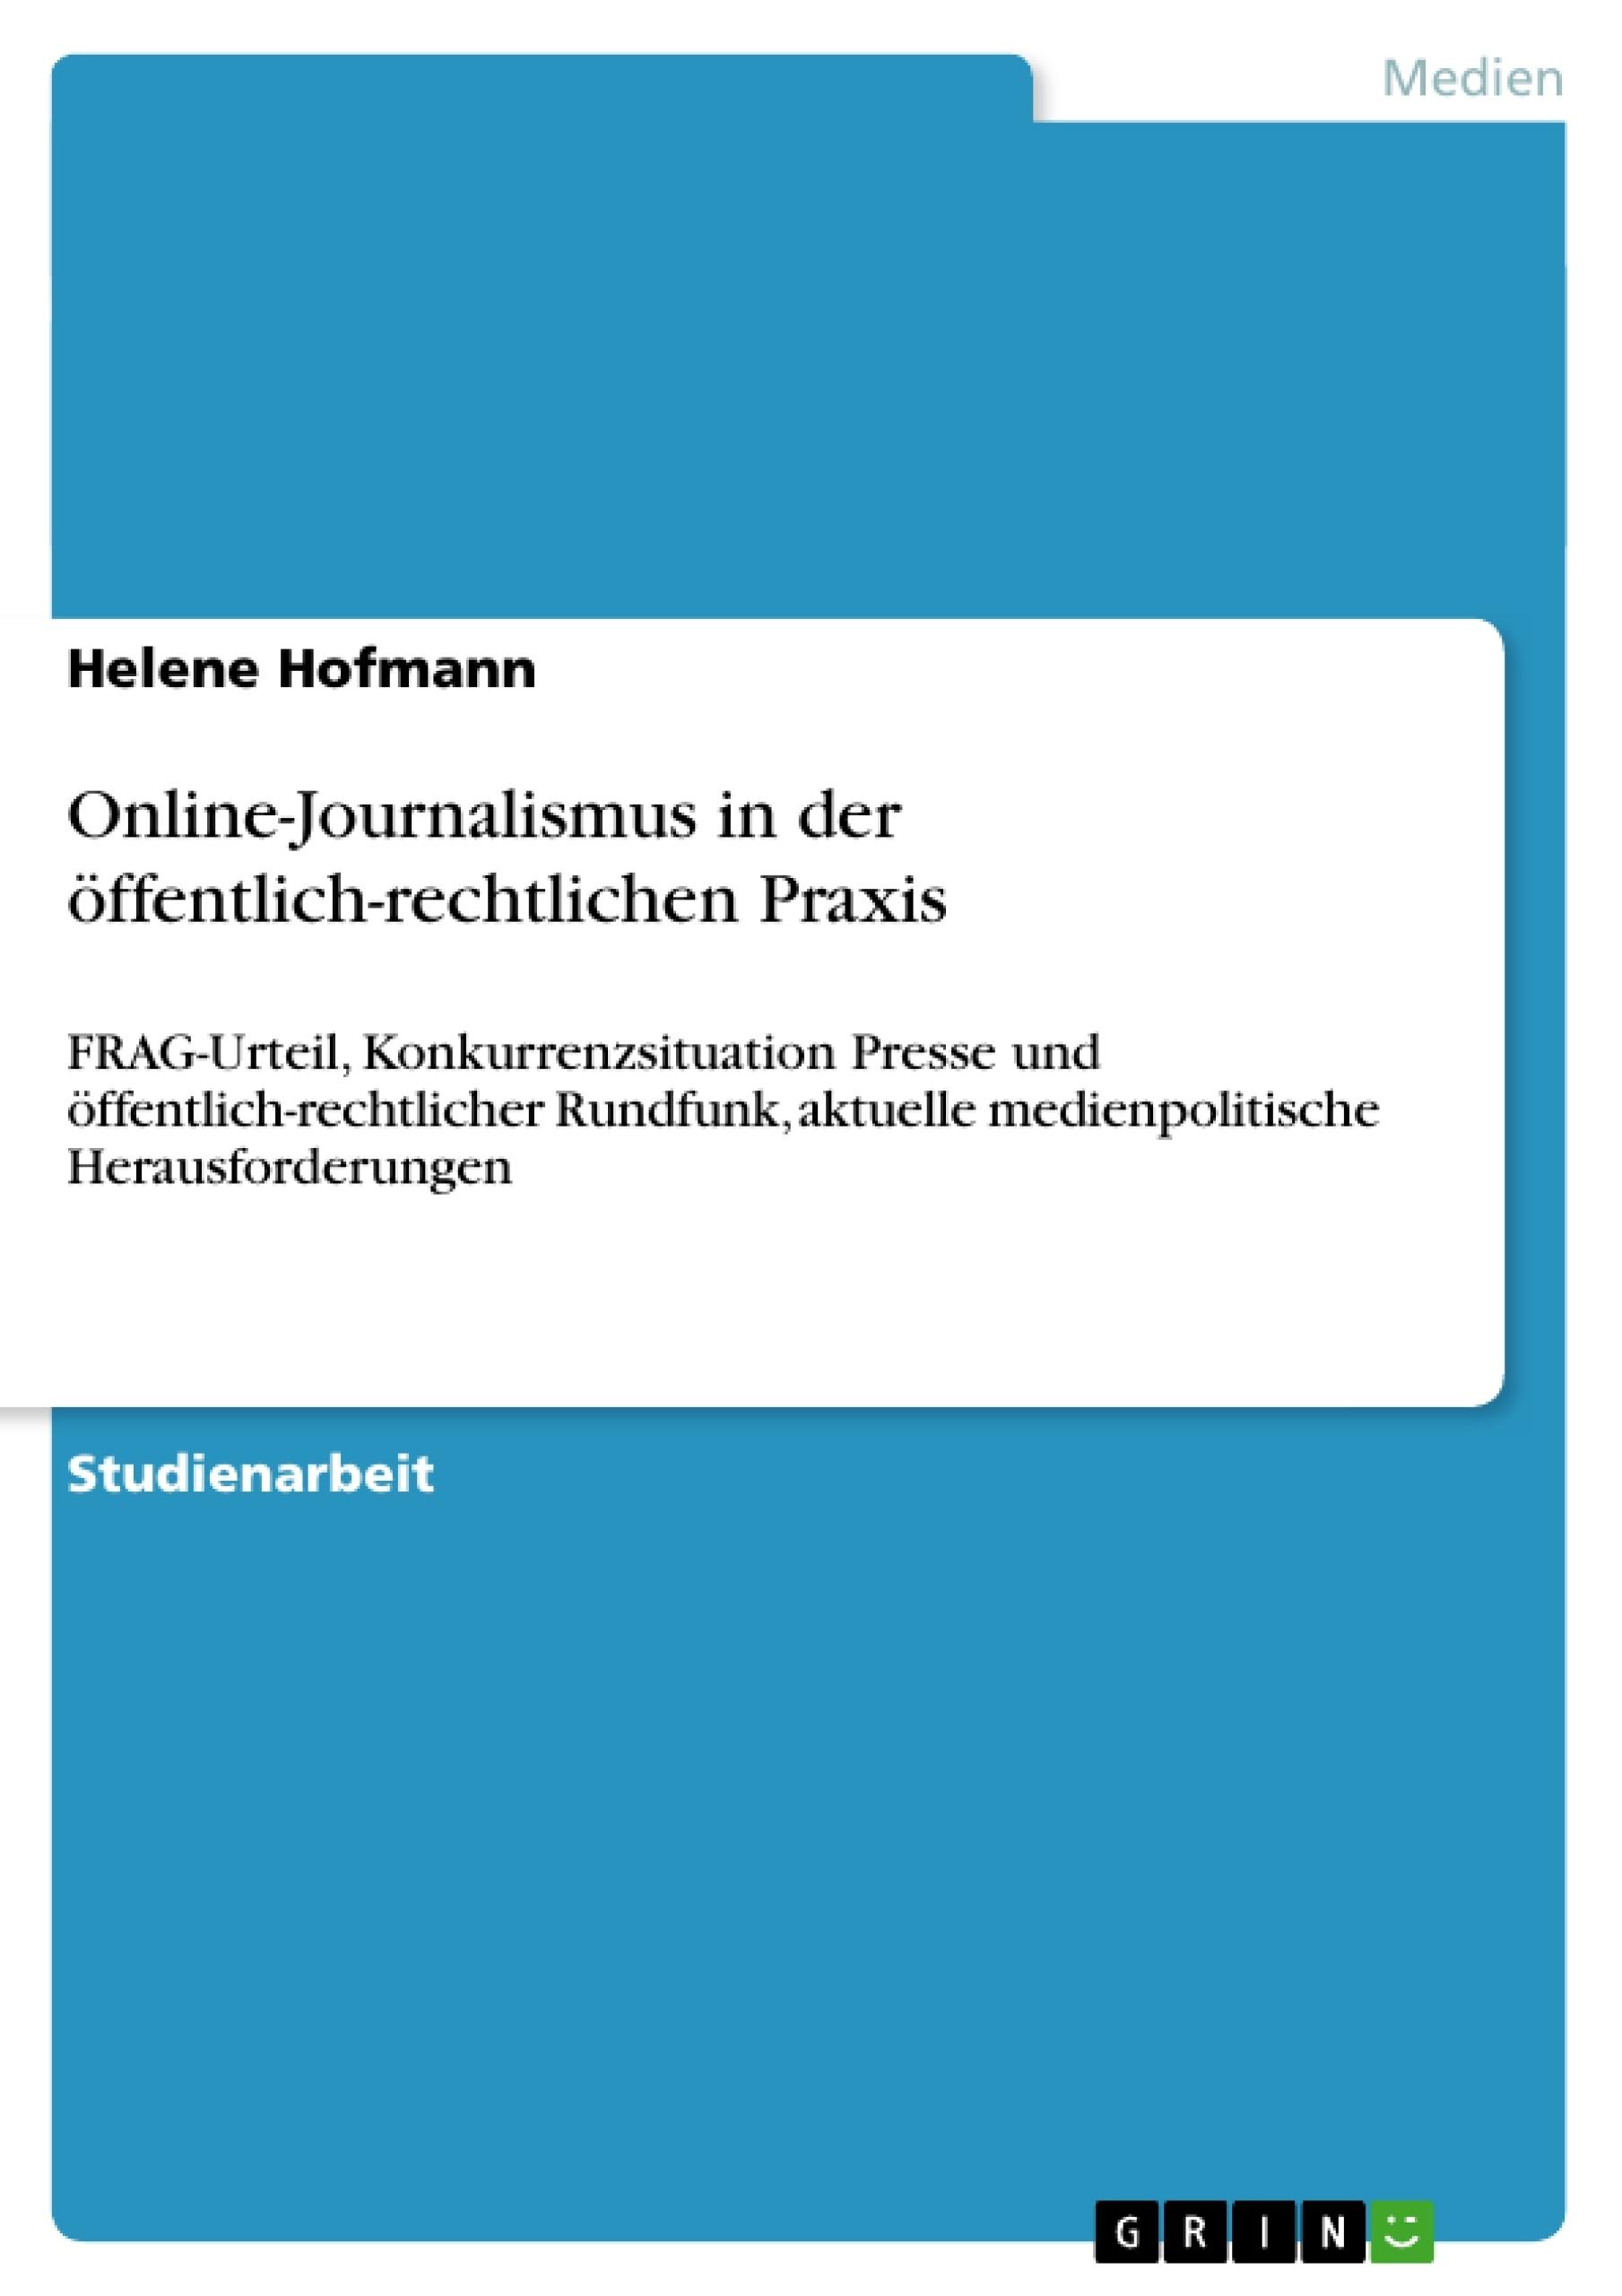 Titel: Online-Journalismus in der öffentlich-rechtlichen Praxis